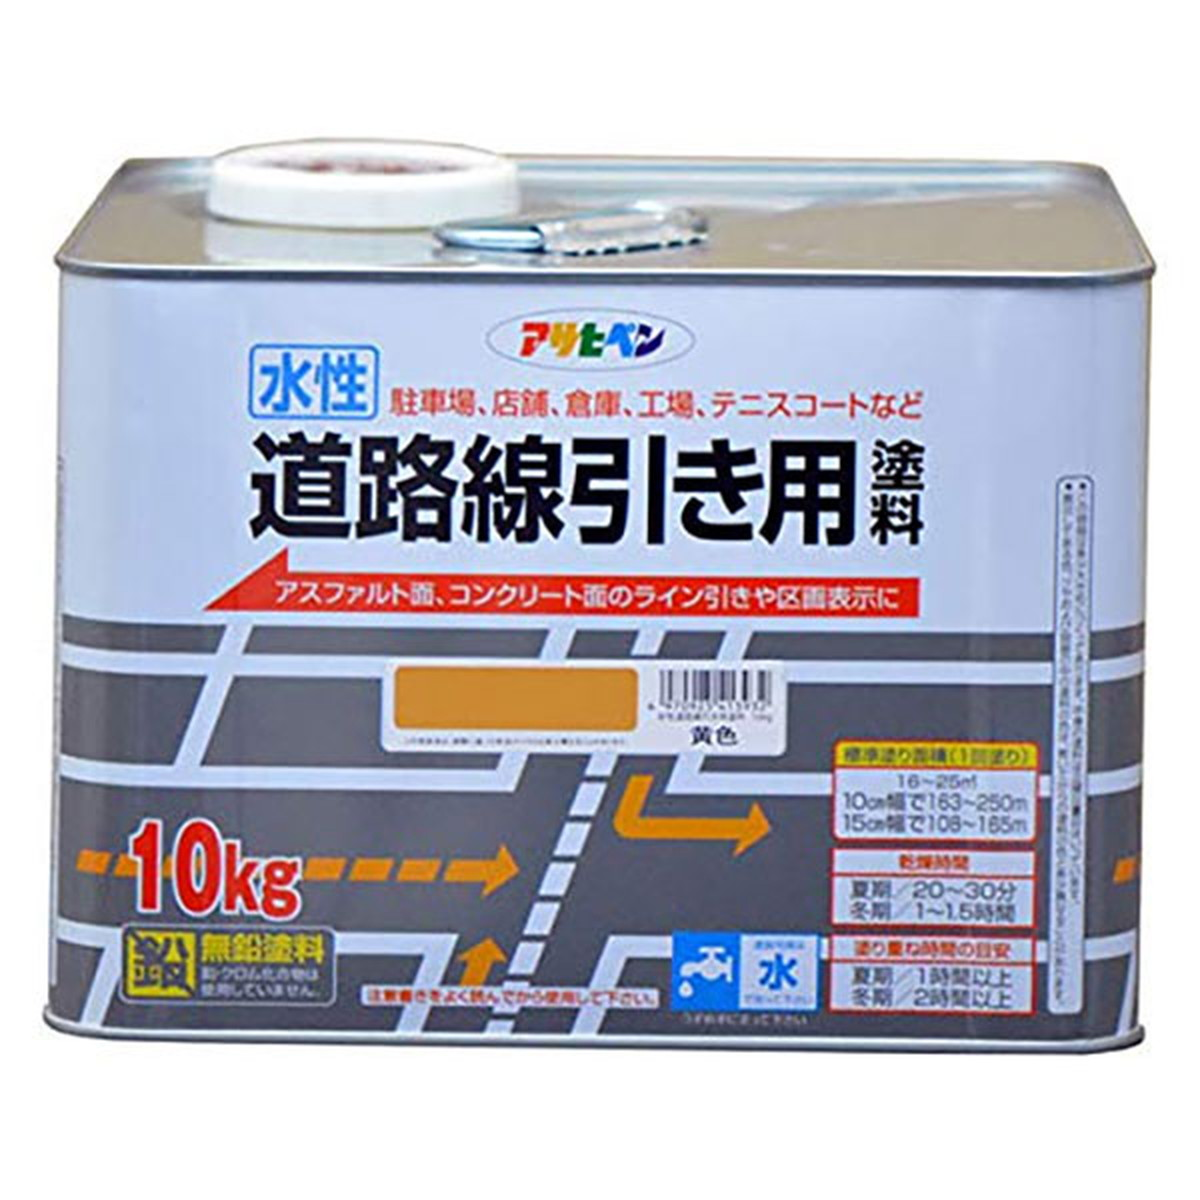 アサヒペン 水性道路線引き用塗料 黄色 10kg